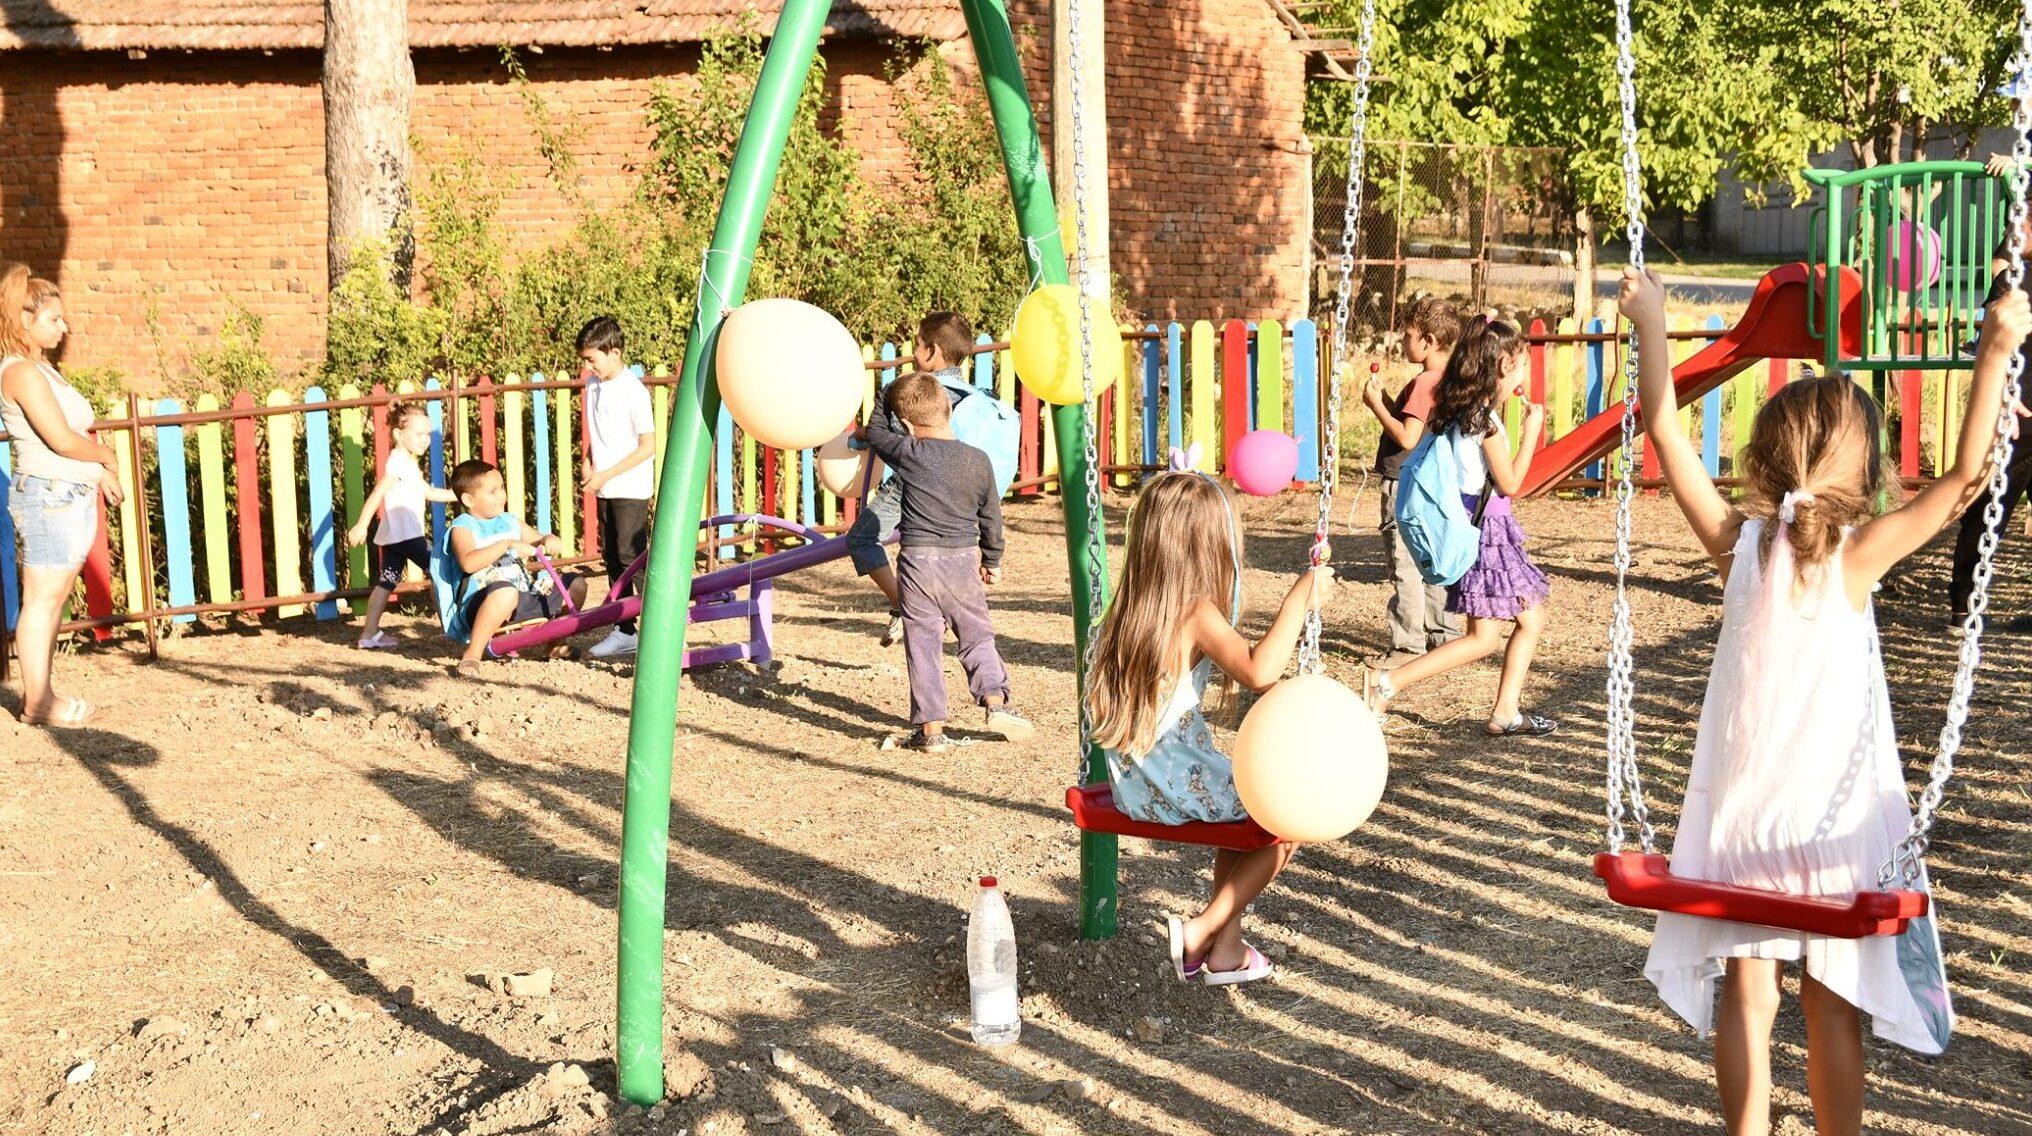 Децата на Севар вече се радват на нова площадка за игра ...